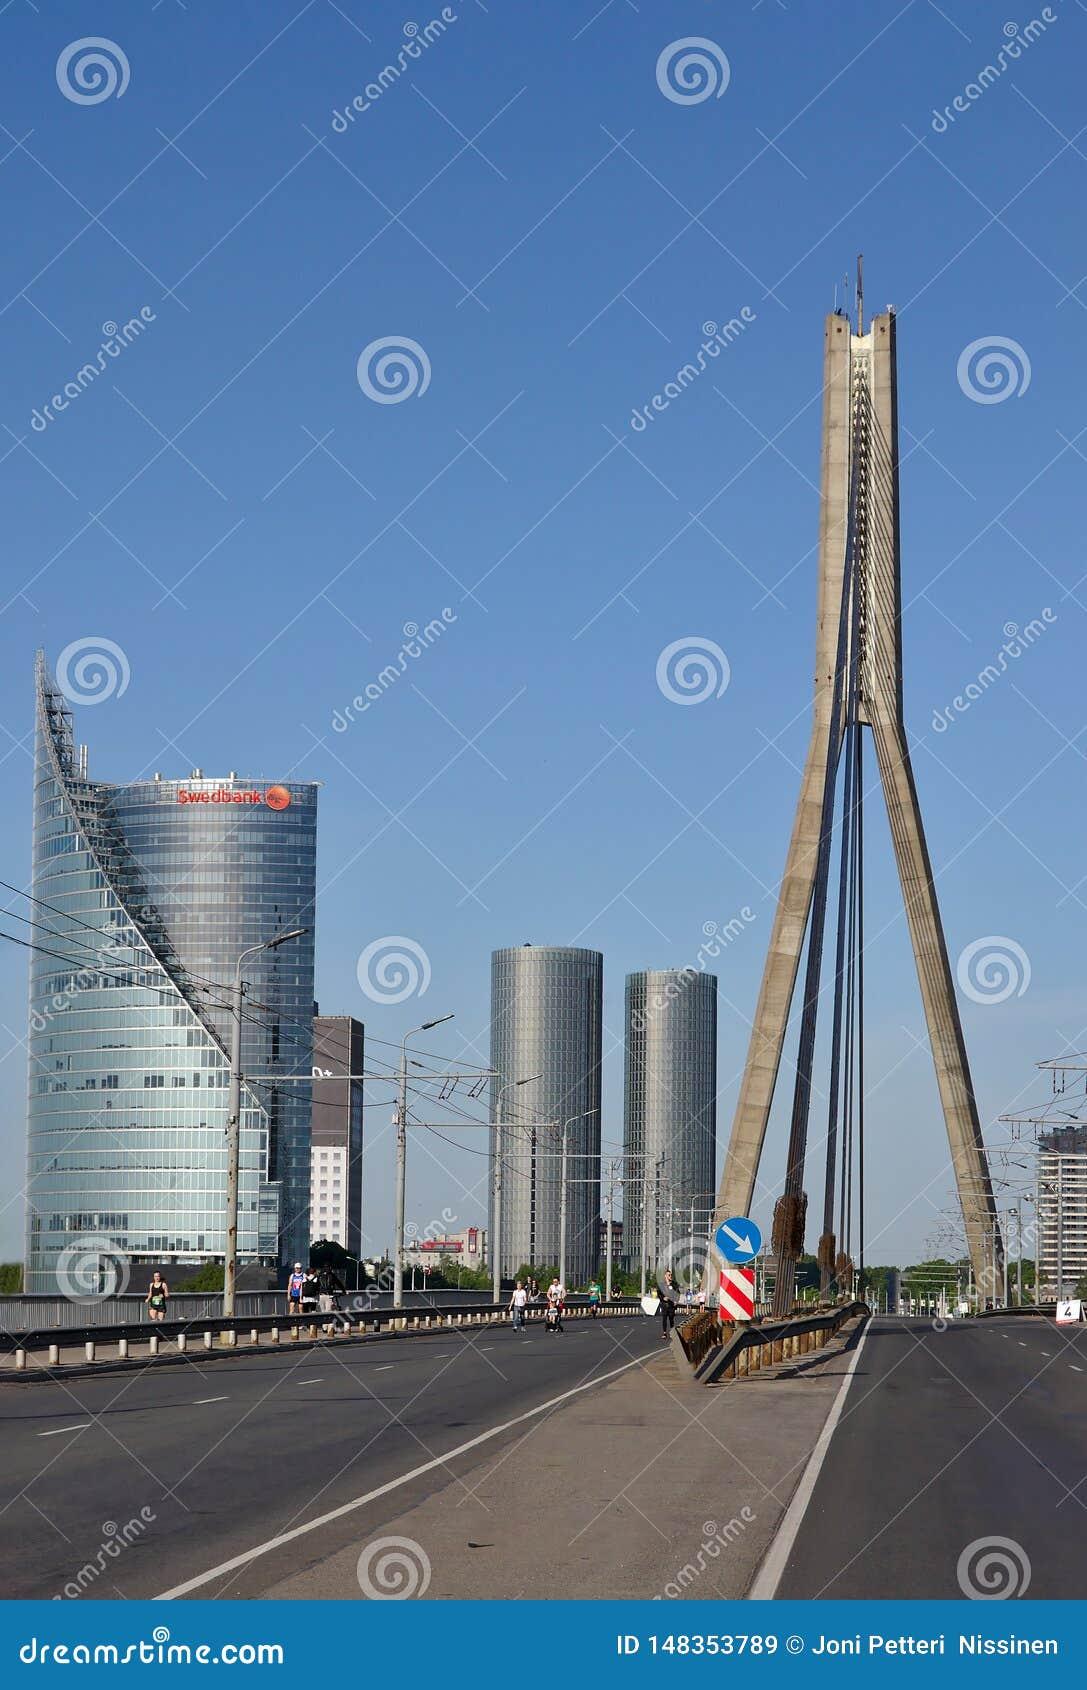 Riga, Letonia - 19 de mayo de 2019: Swedbank fotografi? del centro del puente de Vansu